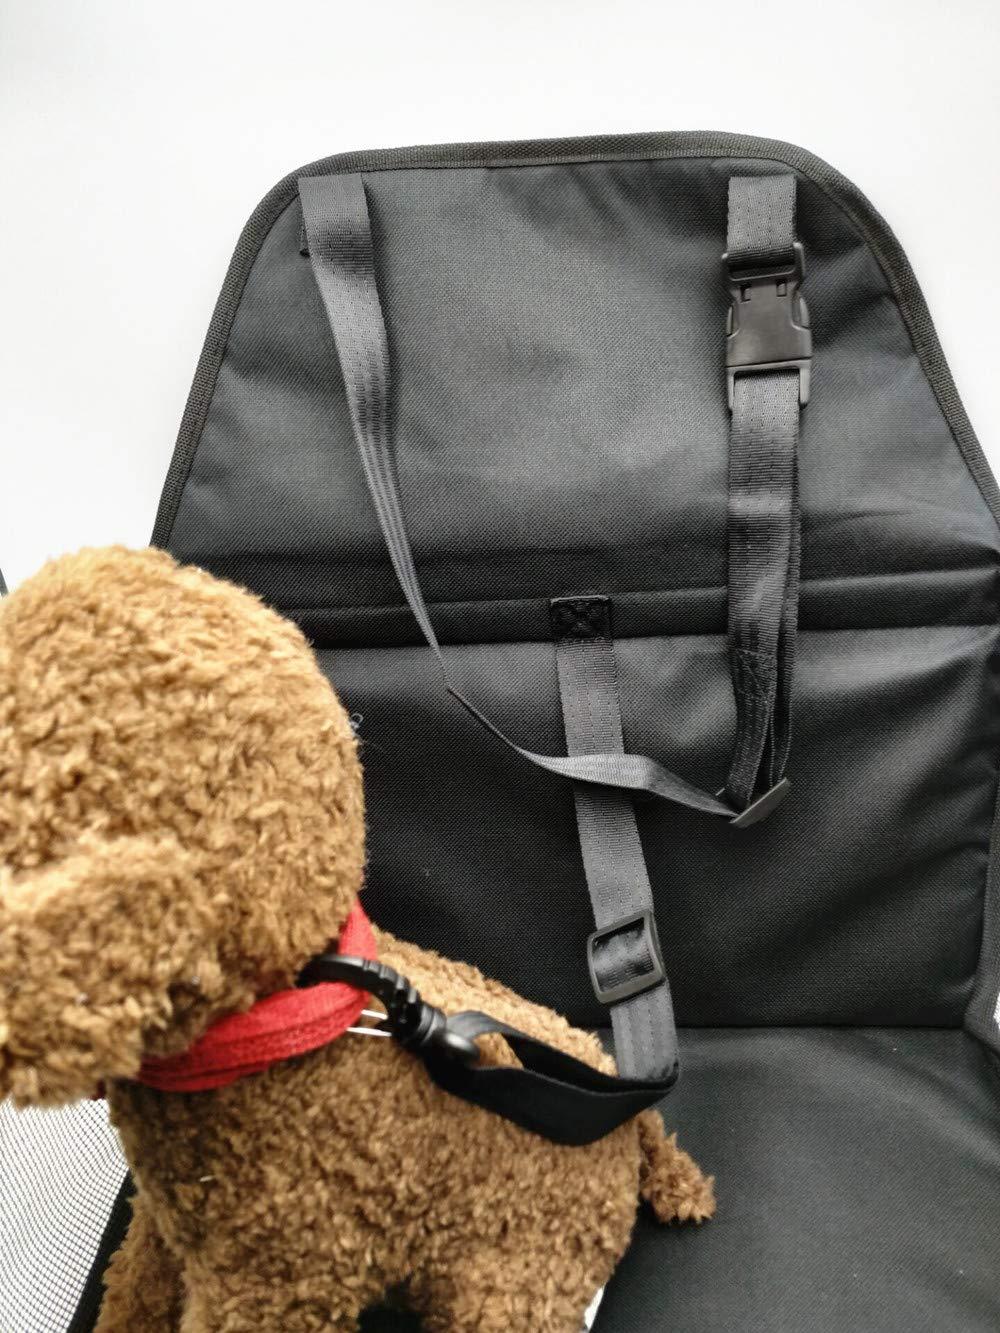 Oxford-Gewebe dick und bequem tragbar Haustier-Autotasche Sicherheitssitz-Schutztasche mit Clip On Sicherheitsleine f/ür kleine Hunde und Katzen Autositzkorb Autoteppich-Booster faltbar